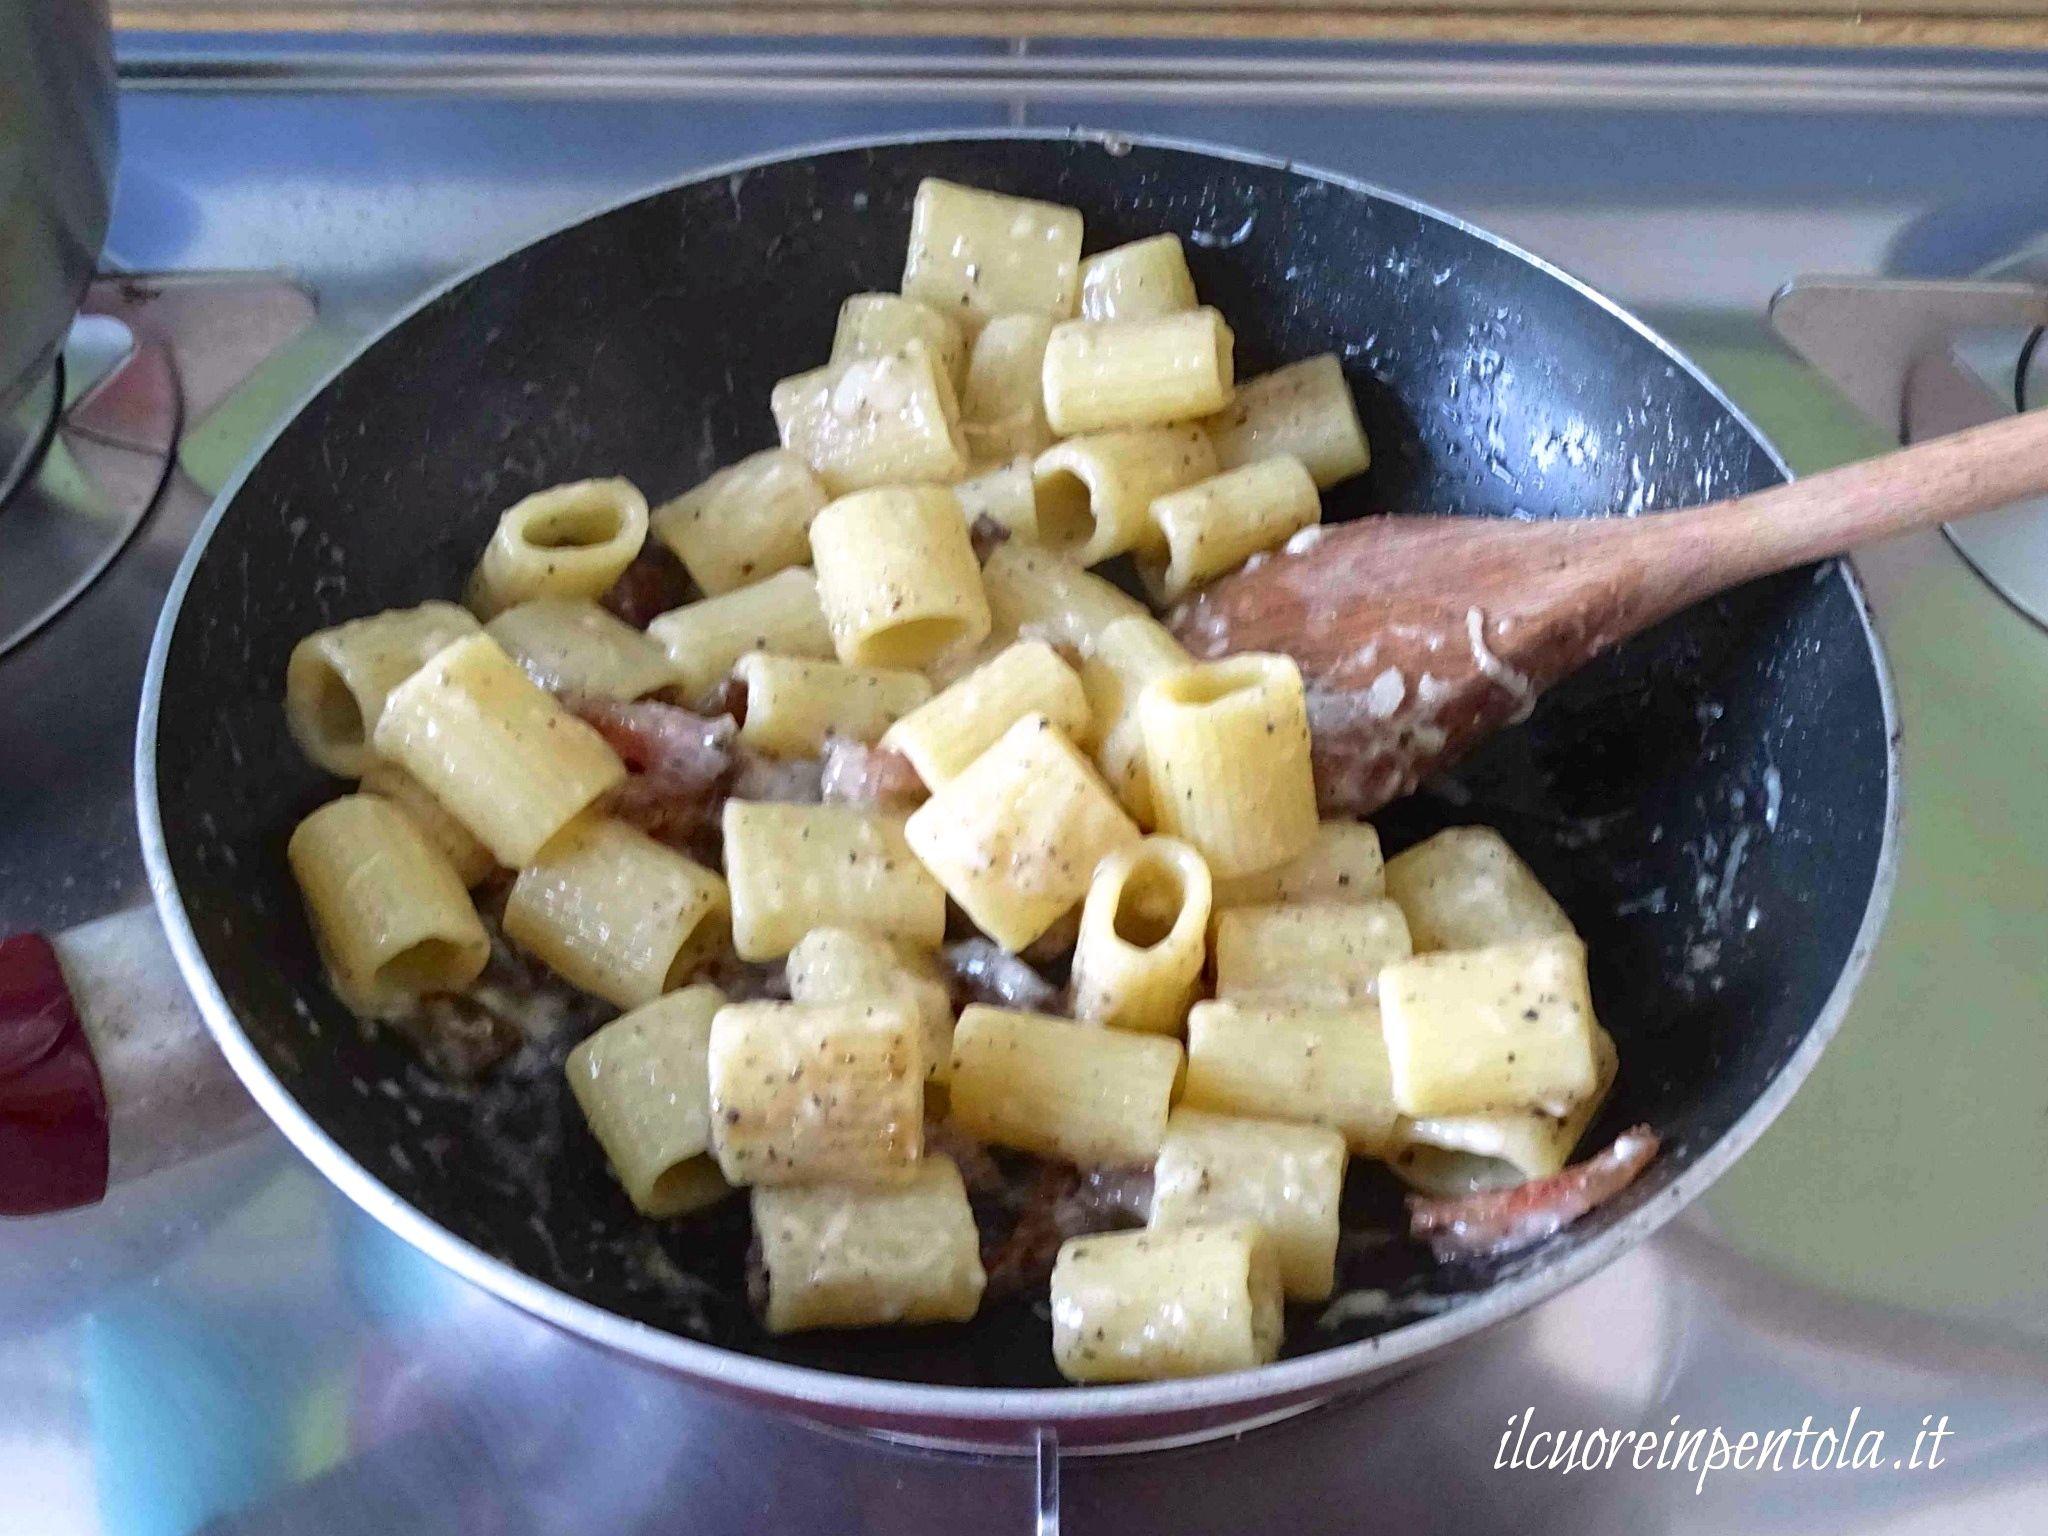 Pasta alla gricia - Ricetta pasta alla gricia cremosa Il